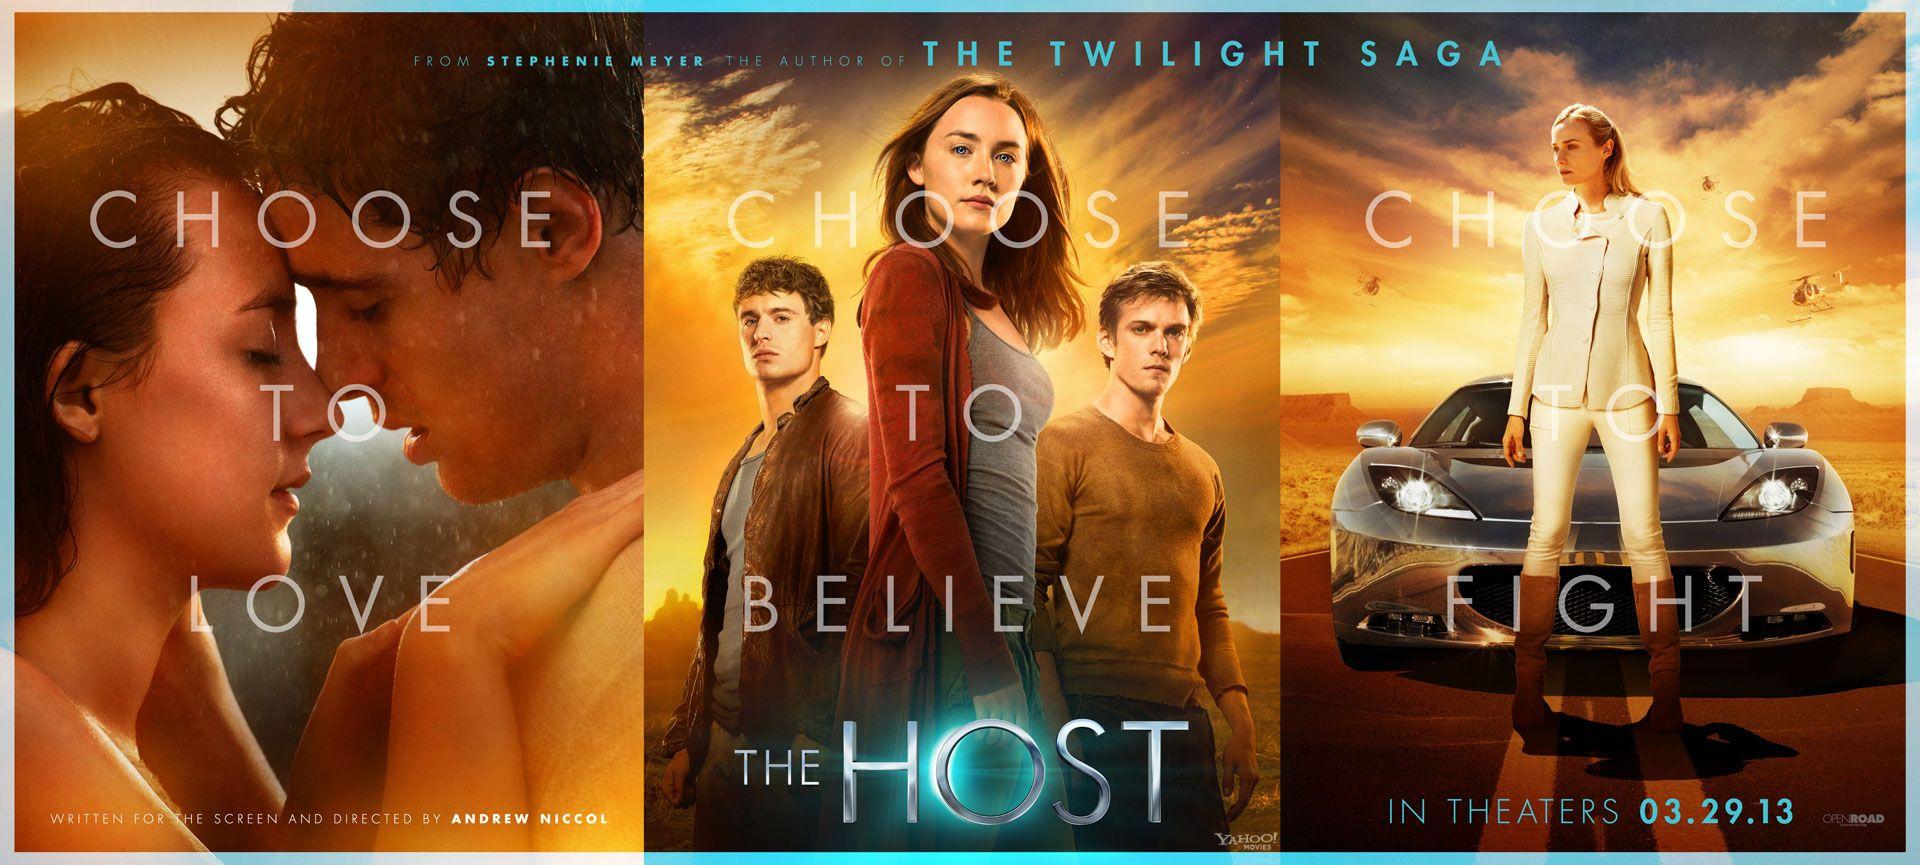 Stephenie meyer movie posters